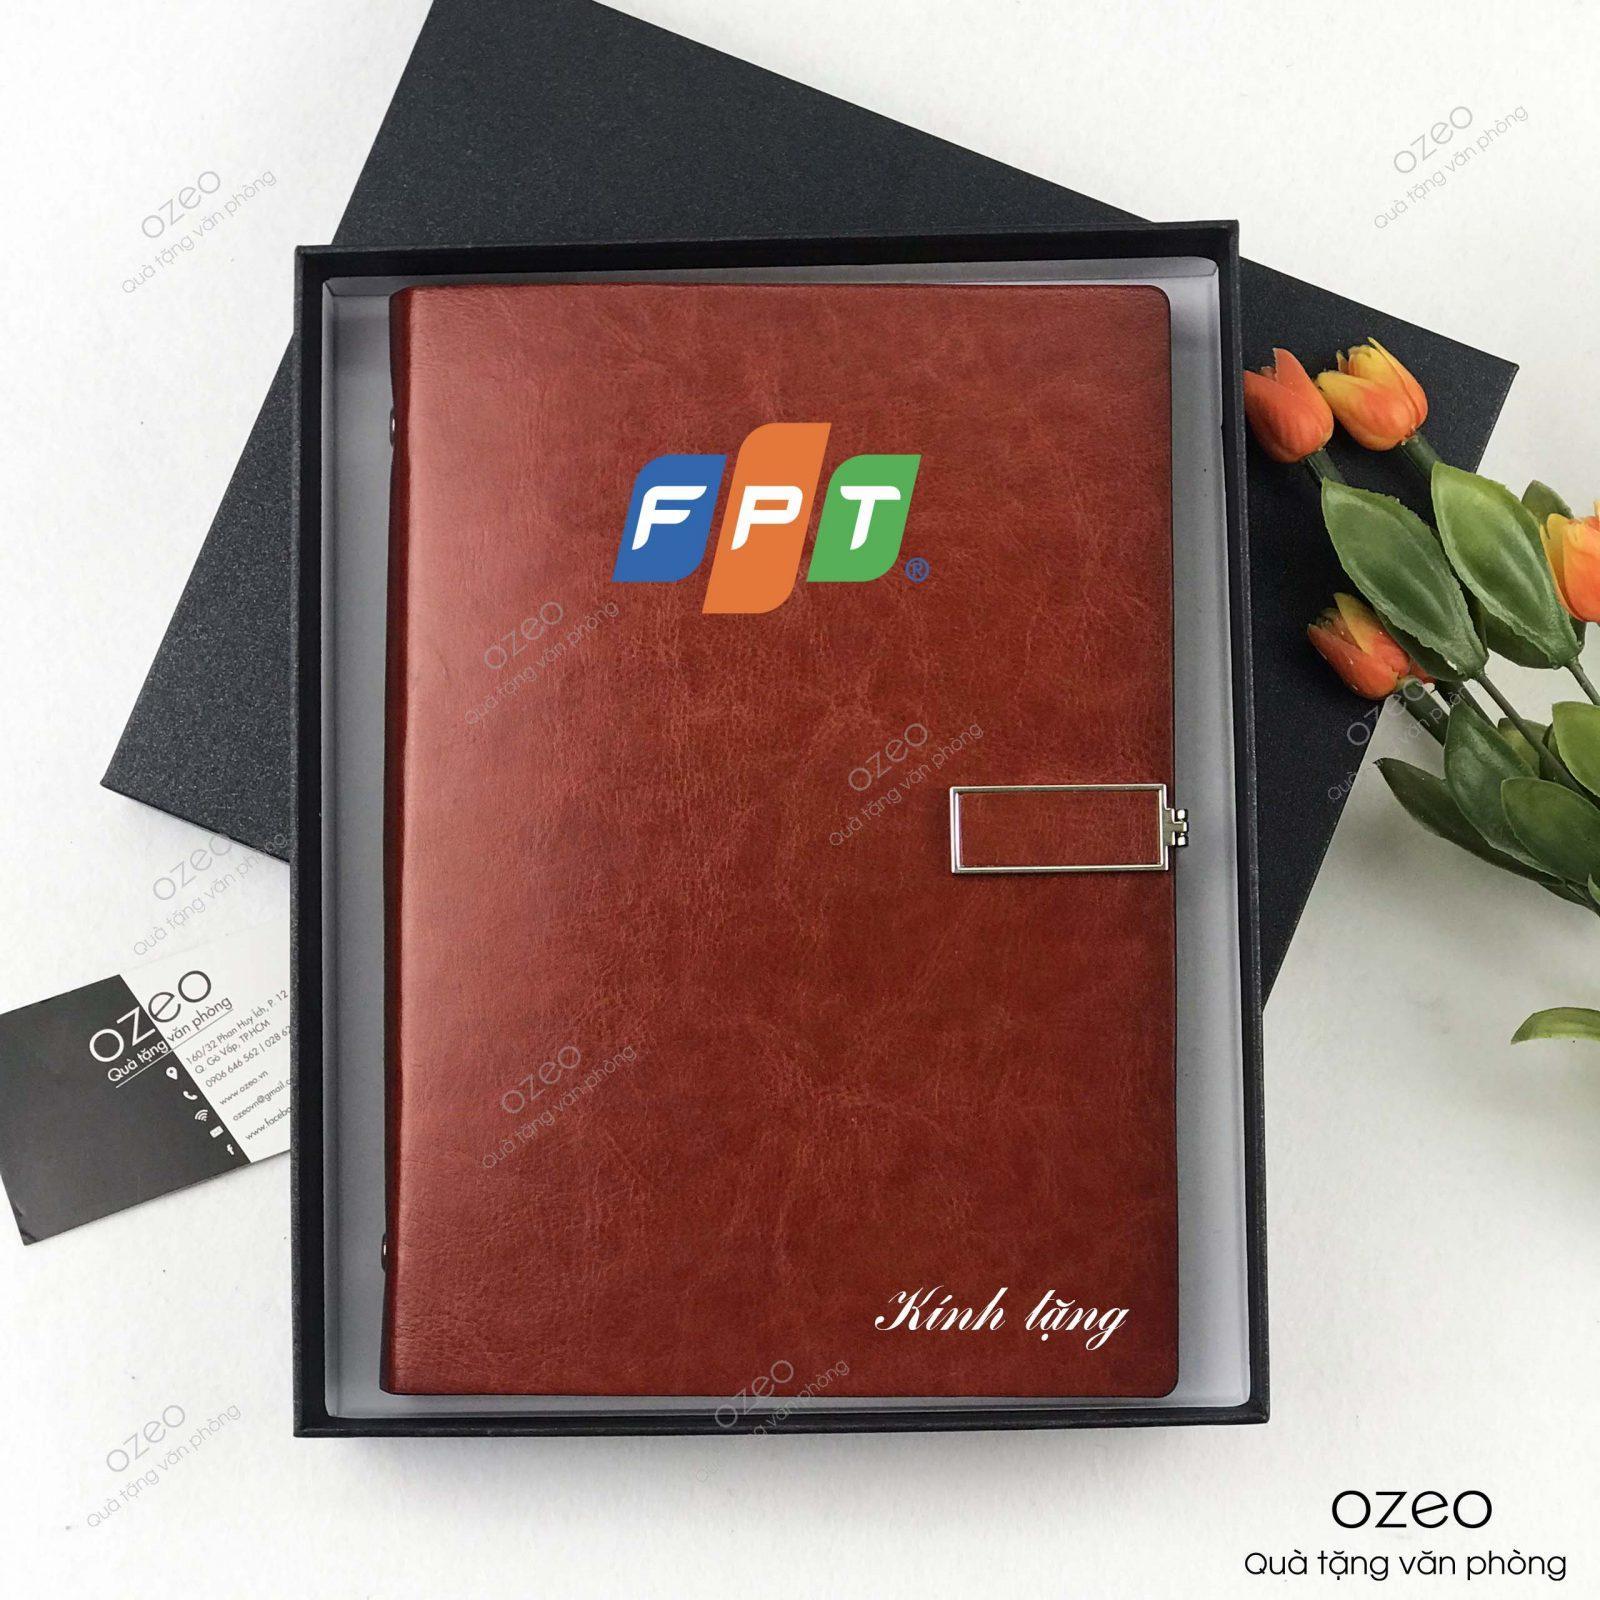 Sổ tay bìa da màu nâu in logo FPT làm quà tặng khách hàng, đối tác, nhân viên.